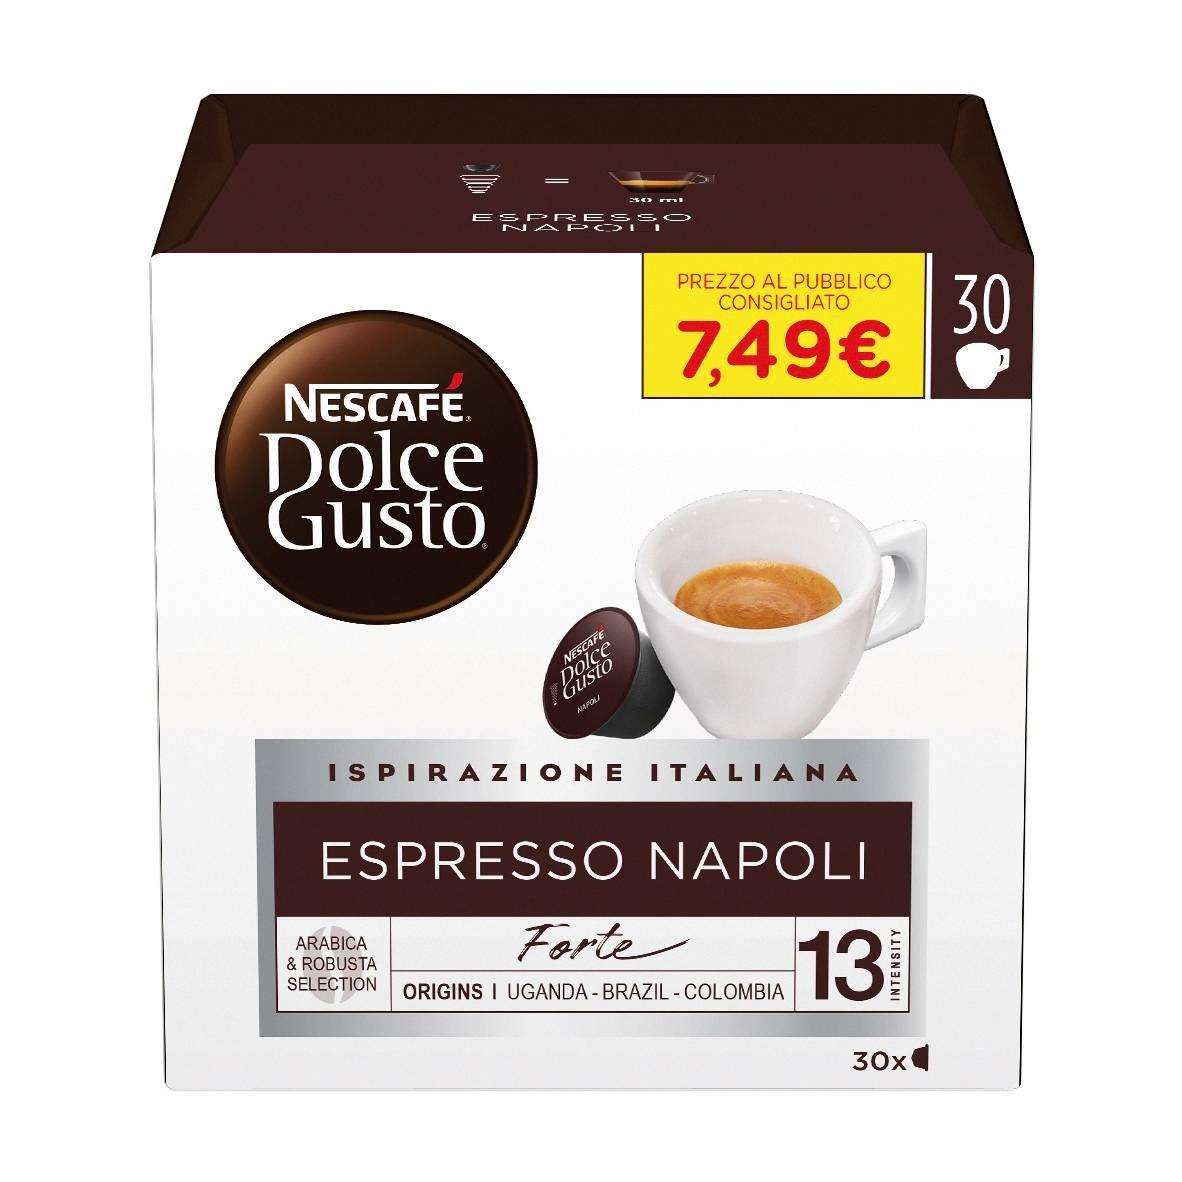 90 Capsule Nescafè Dolce Gusto Espresso Napoli Magnum Pack